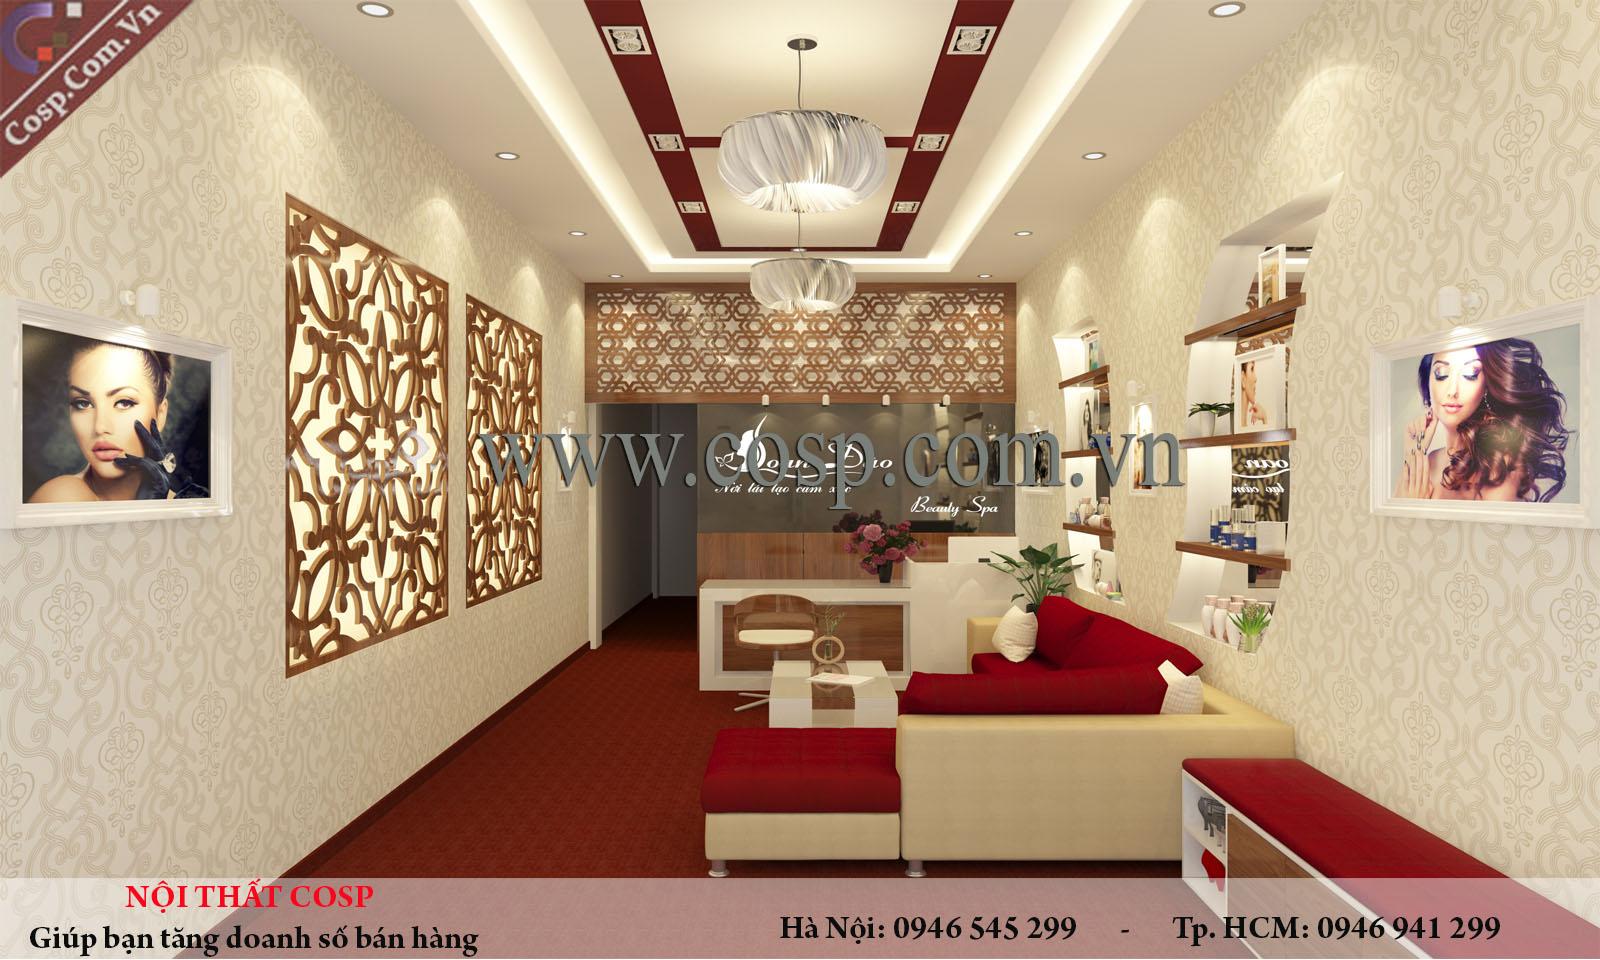 Ảnh thiết kế spa tại Quảng Ninh